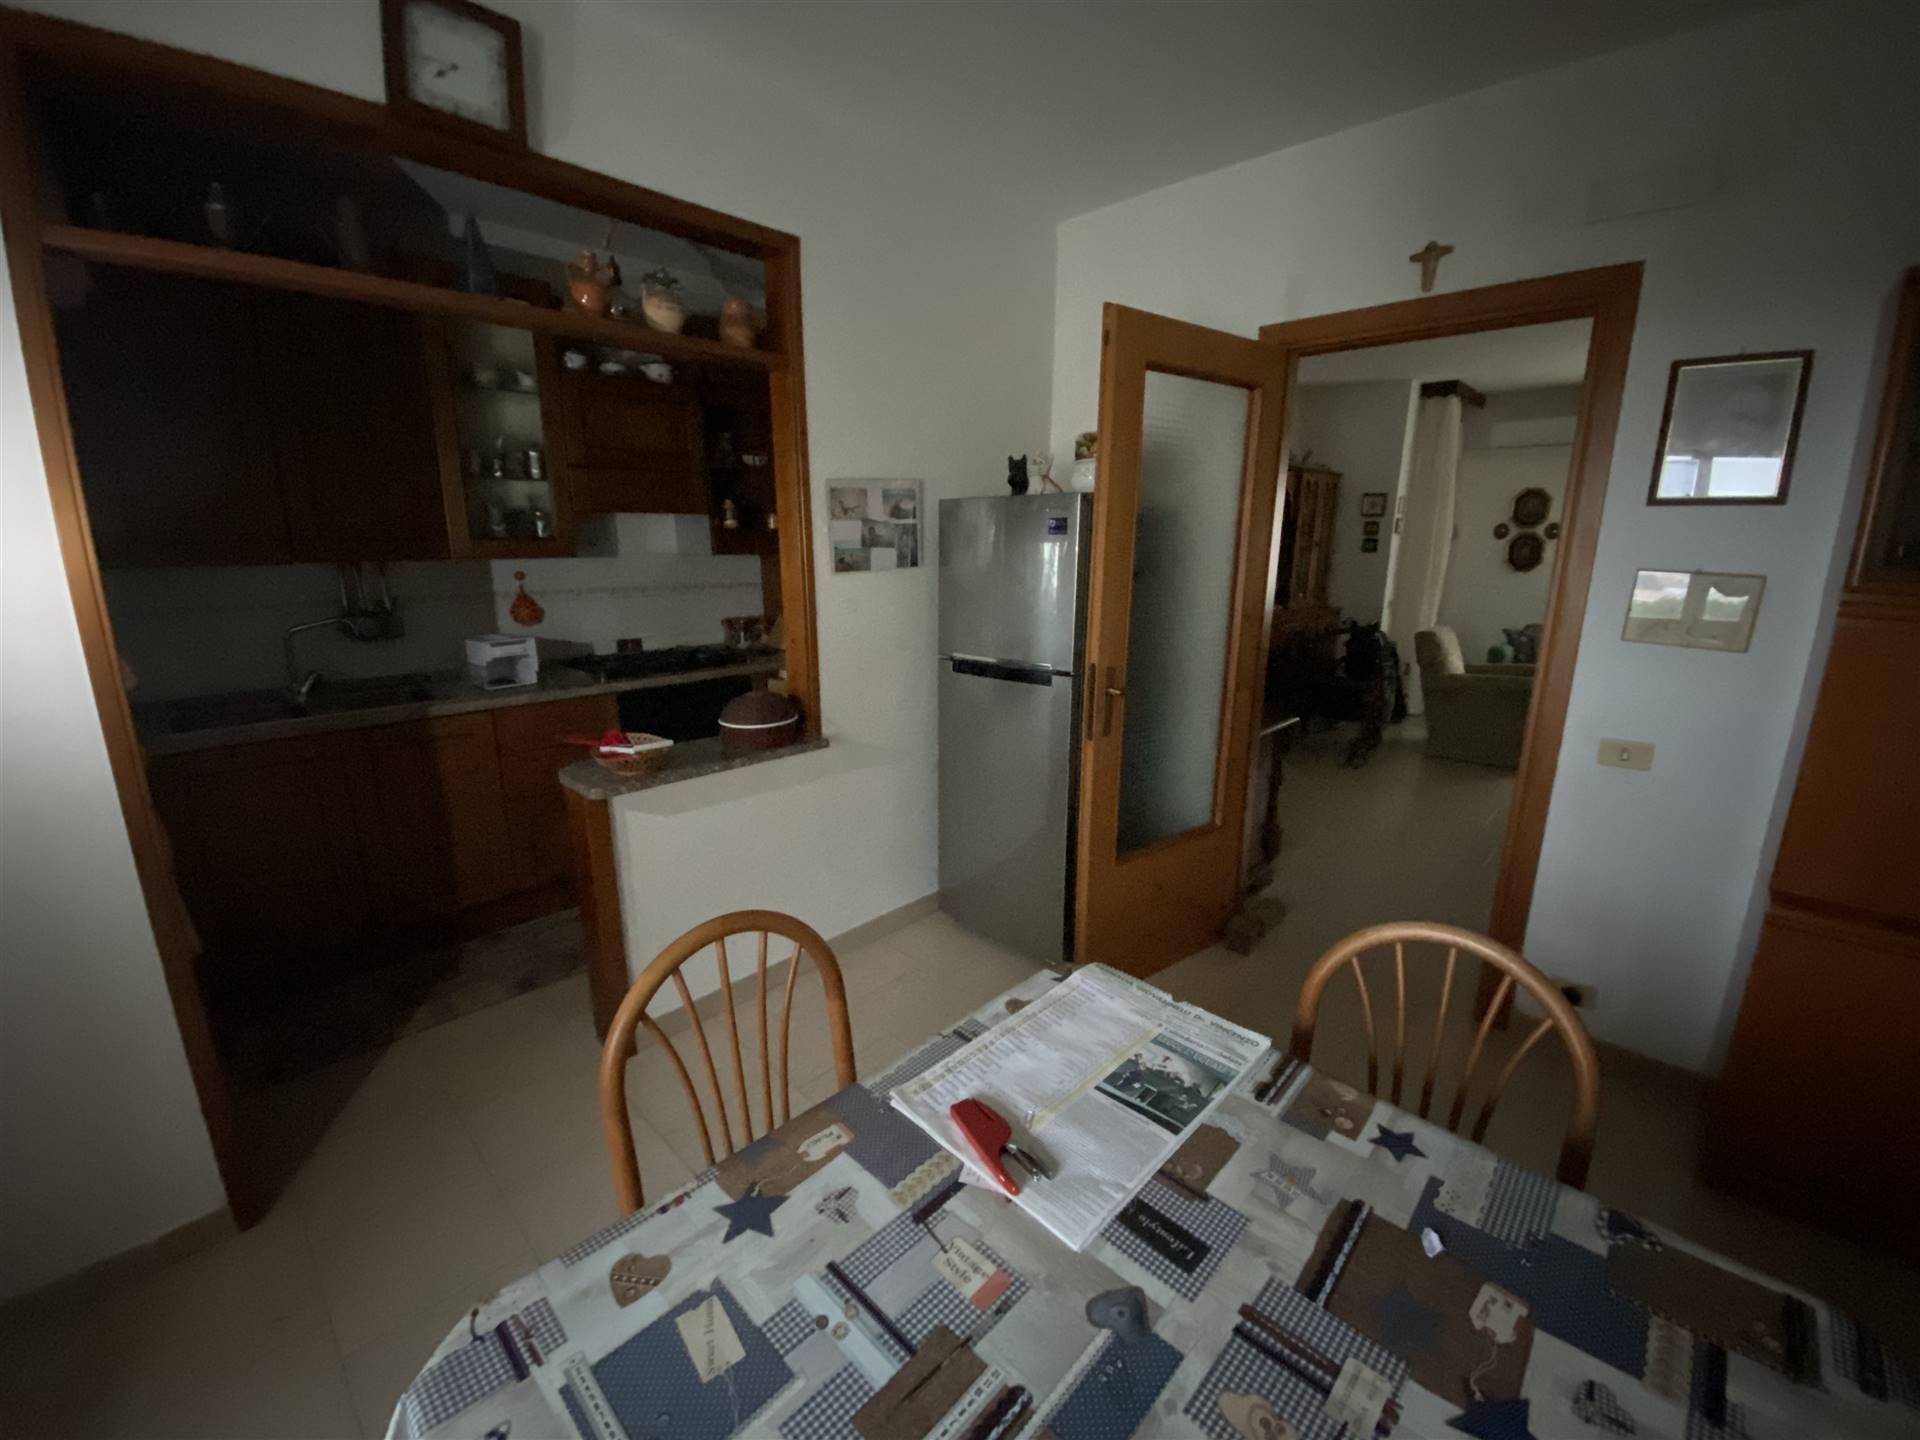 Foto soggiorno cucina